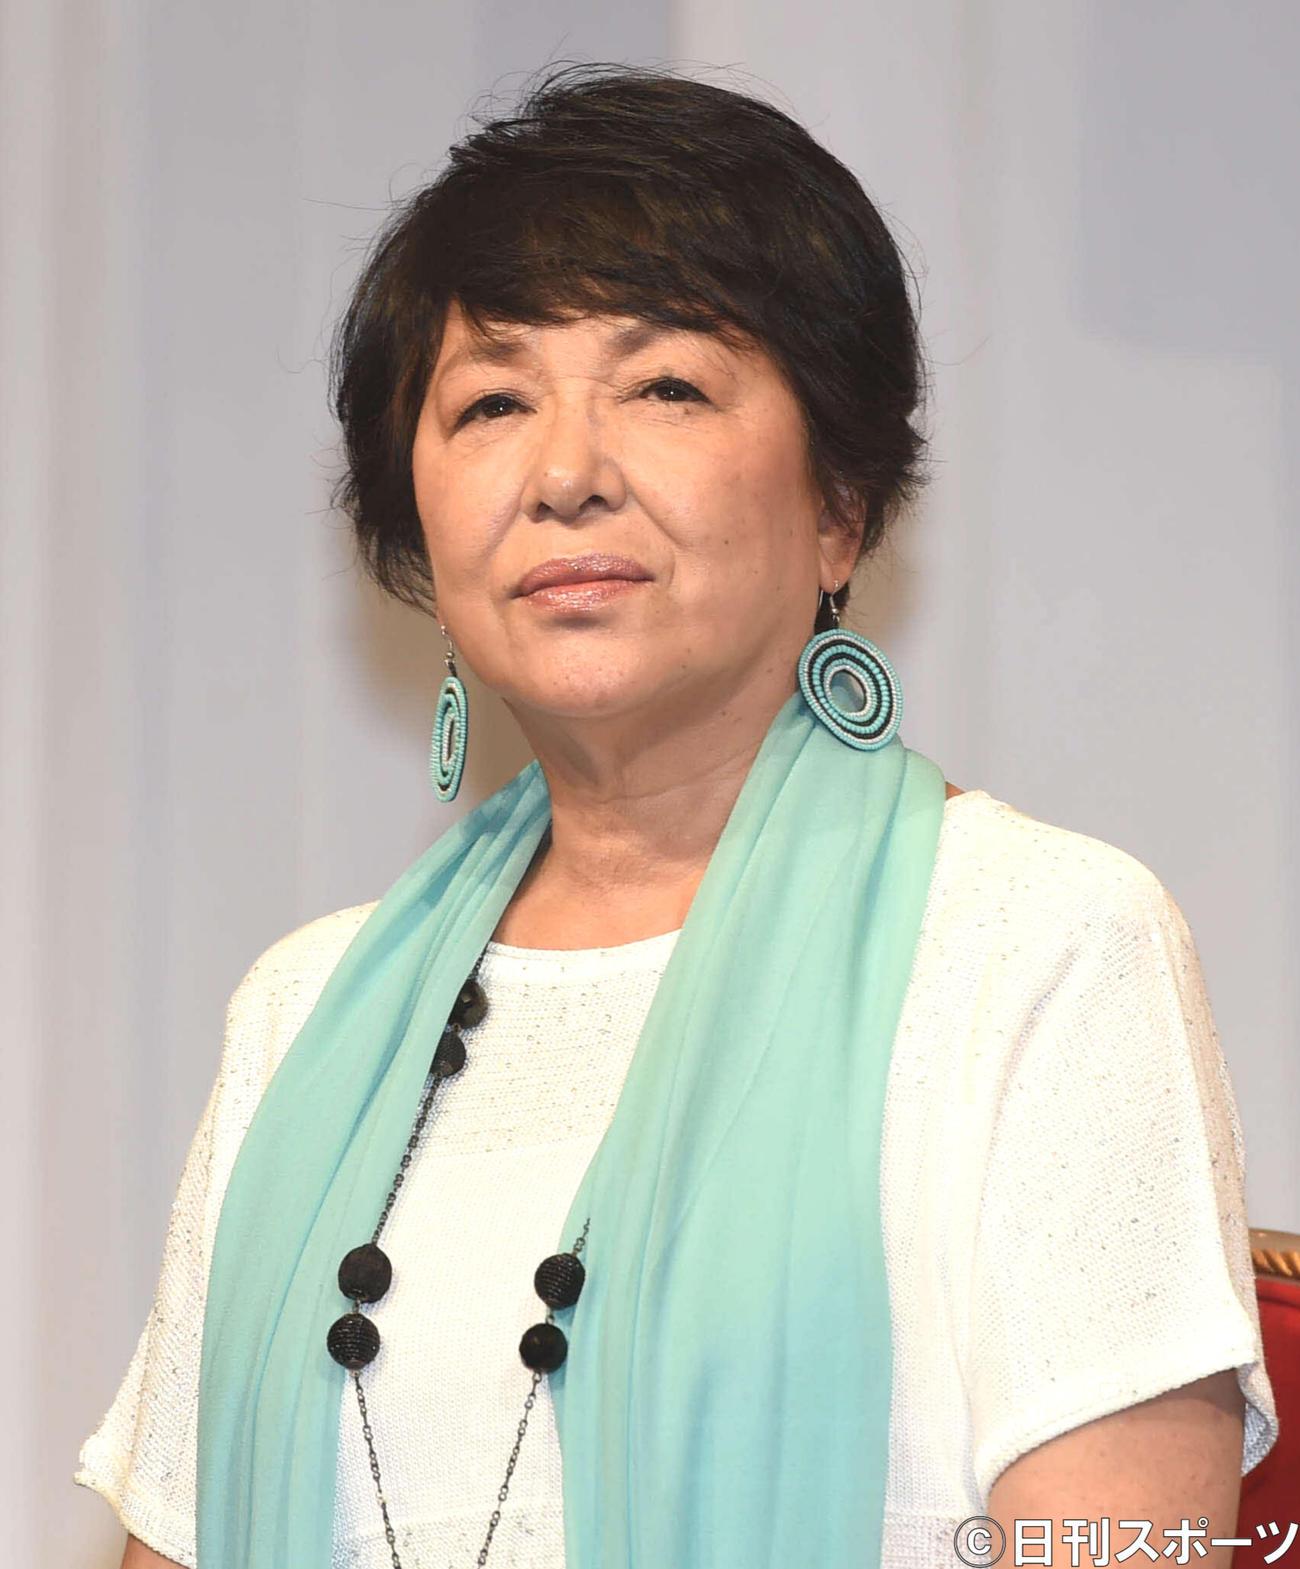 立石涼子さん(15年8月16日)